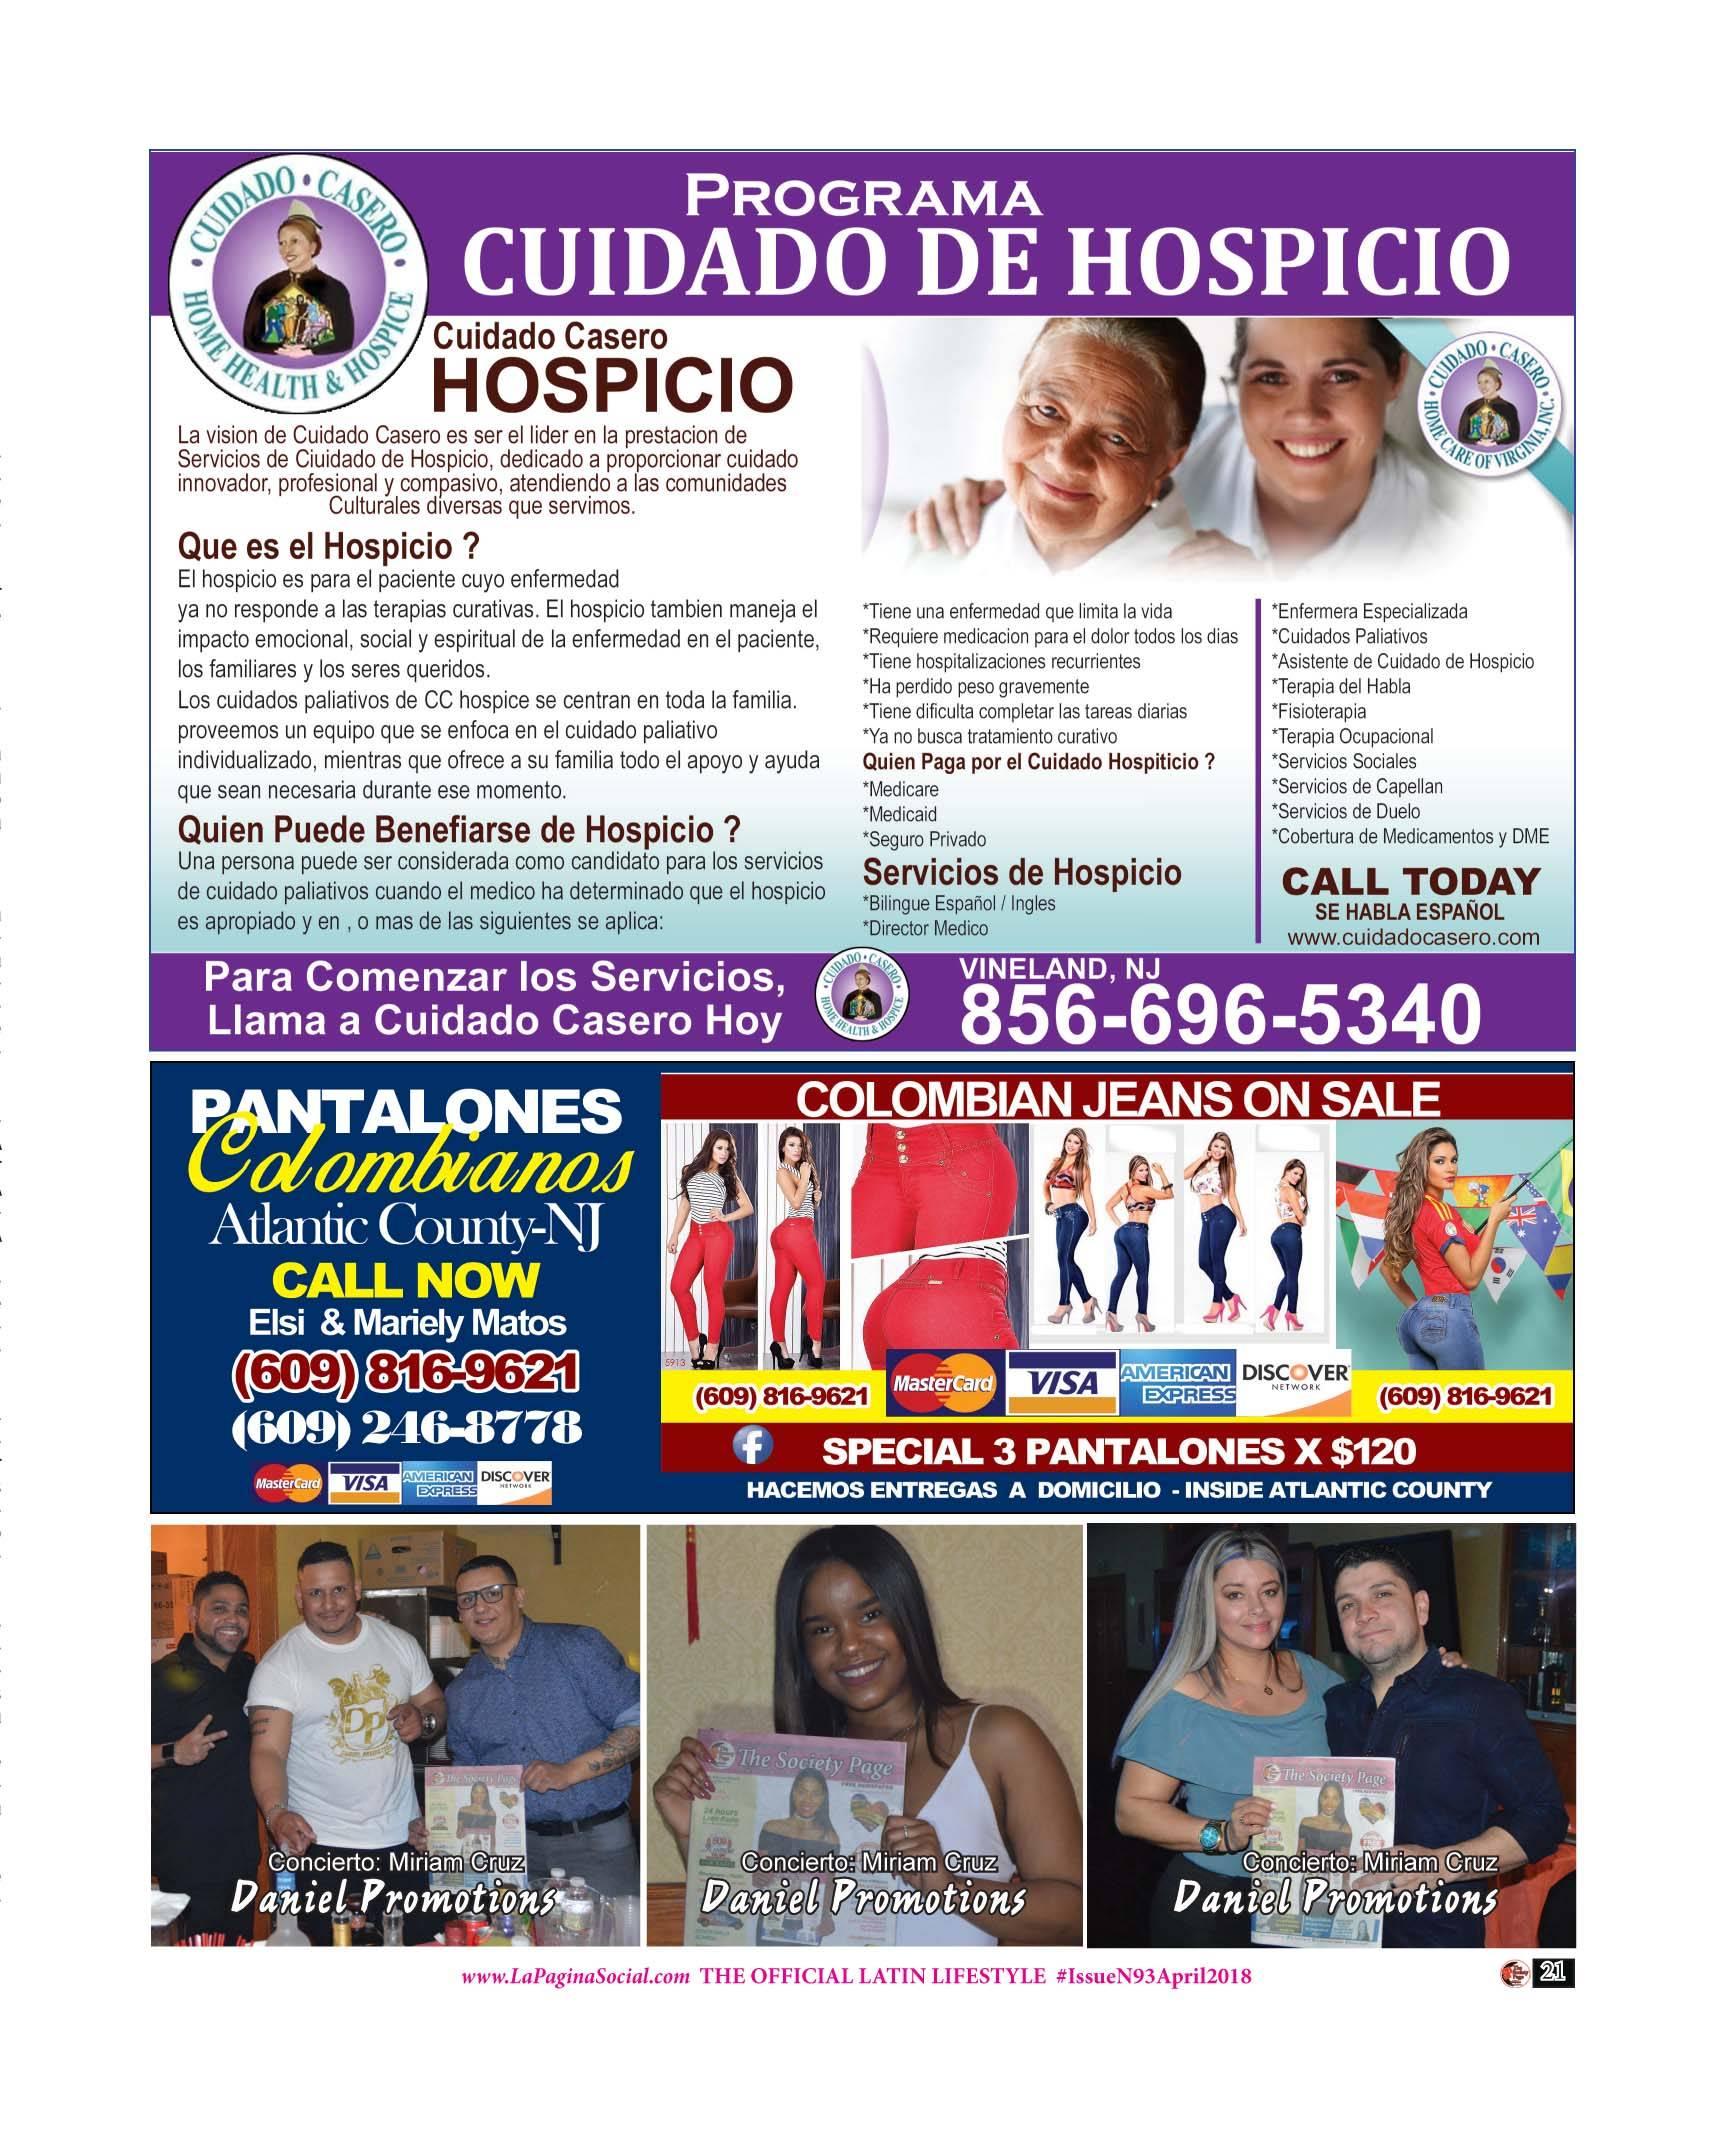 Cuidado de Hospicio, Pantalones Colombianos